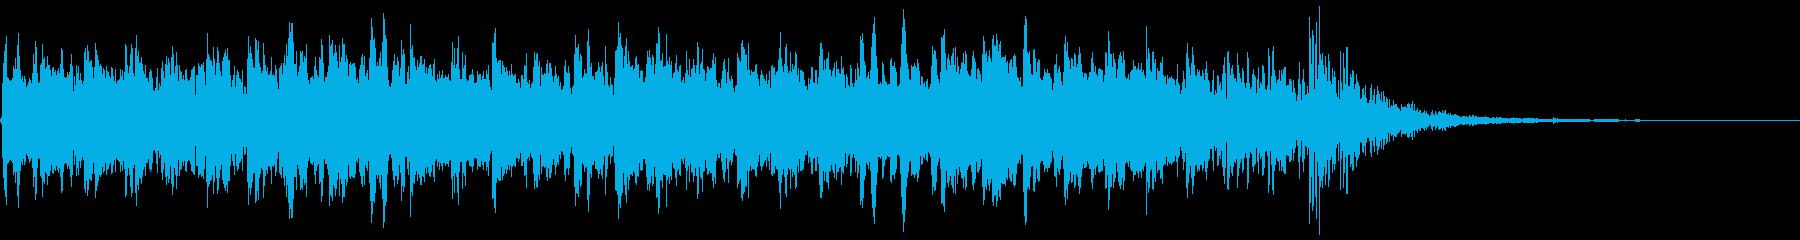 強拍にベル、16分音符をグロッケンを使…の再生済みの波形